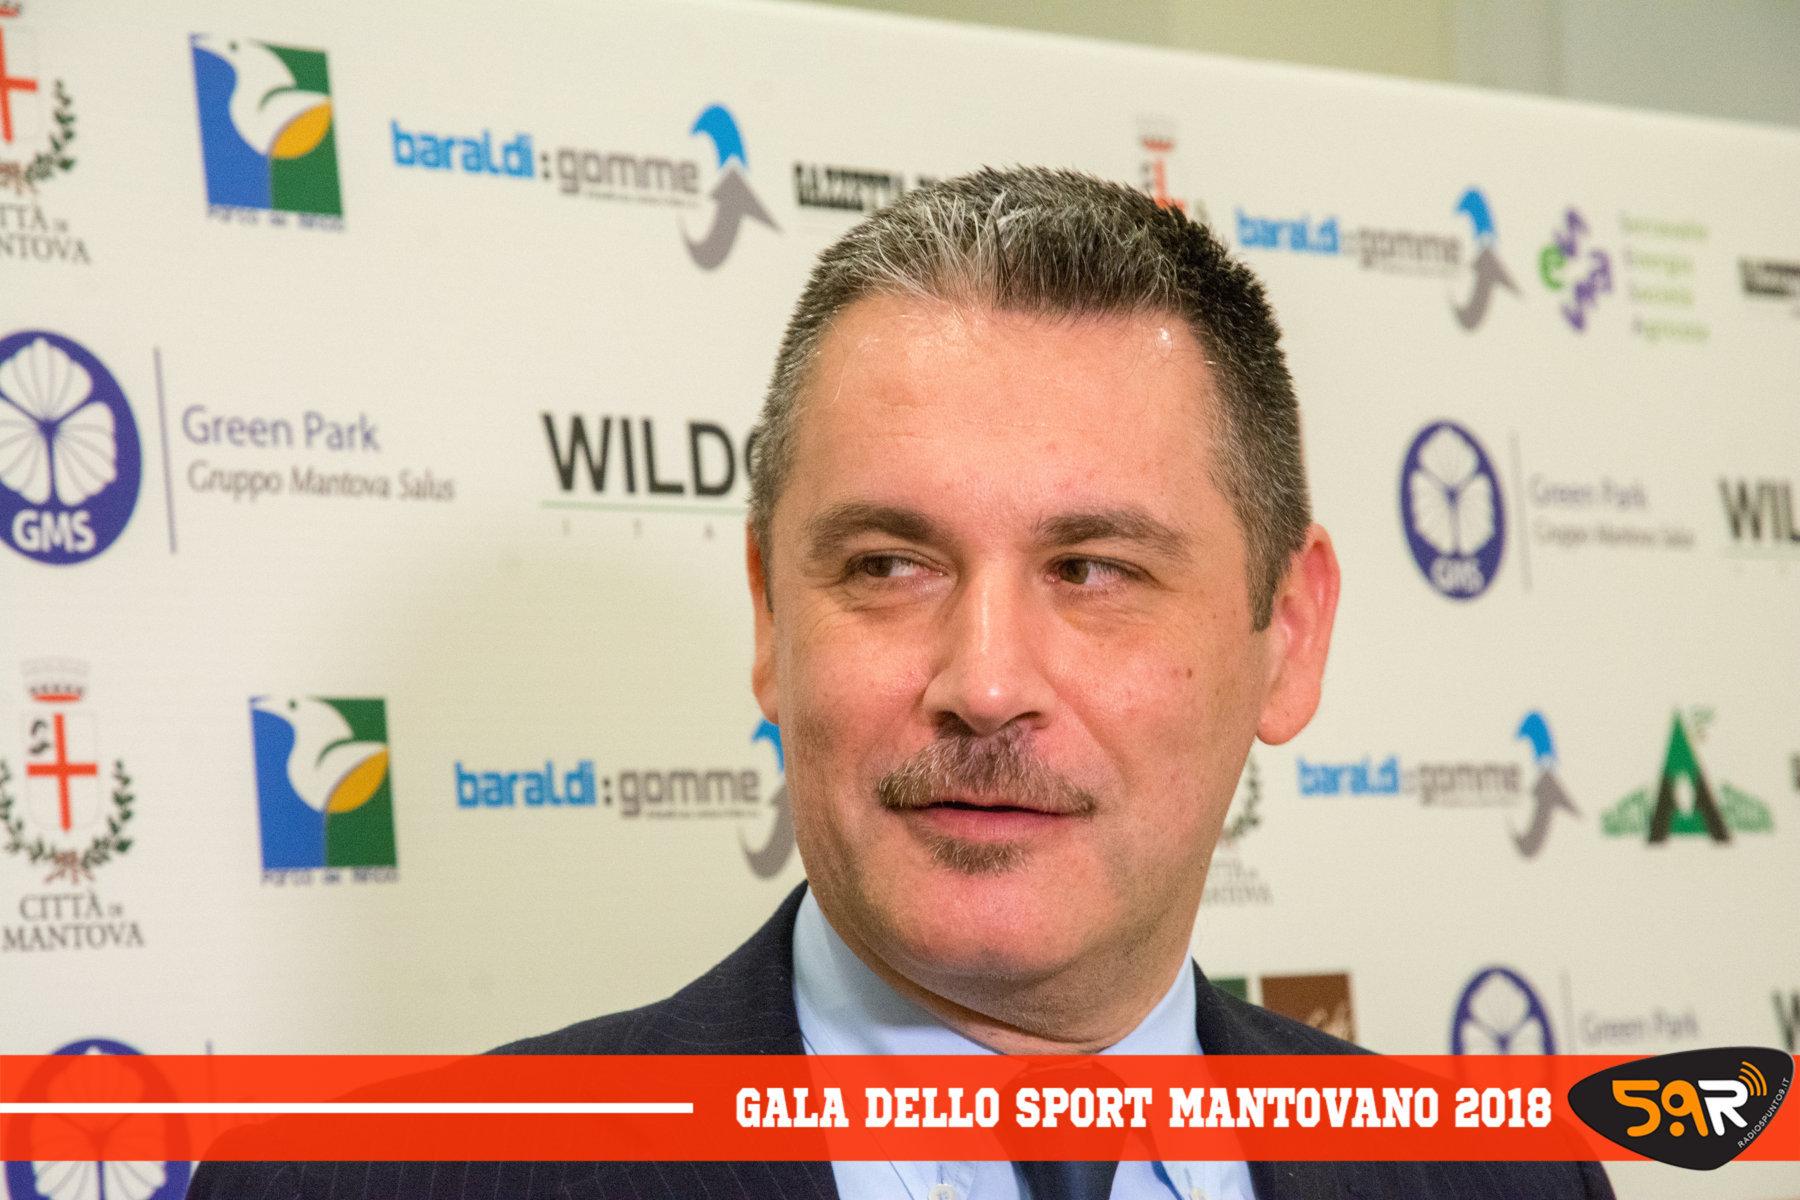 Gala dello Sport Mantovano 2018 Web Radio 5 (48)